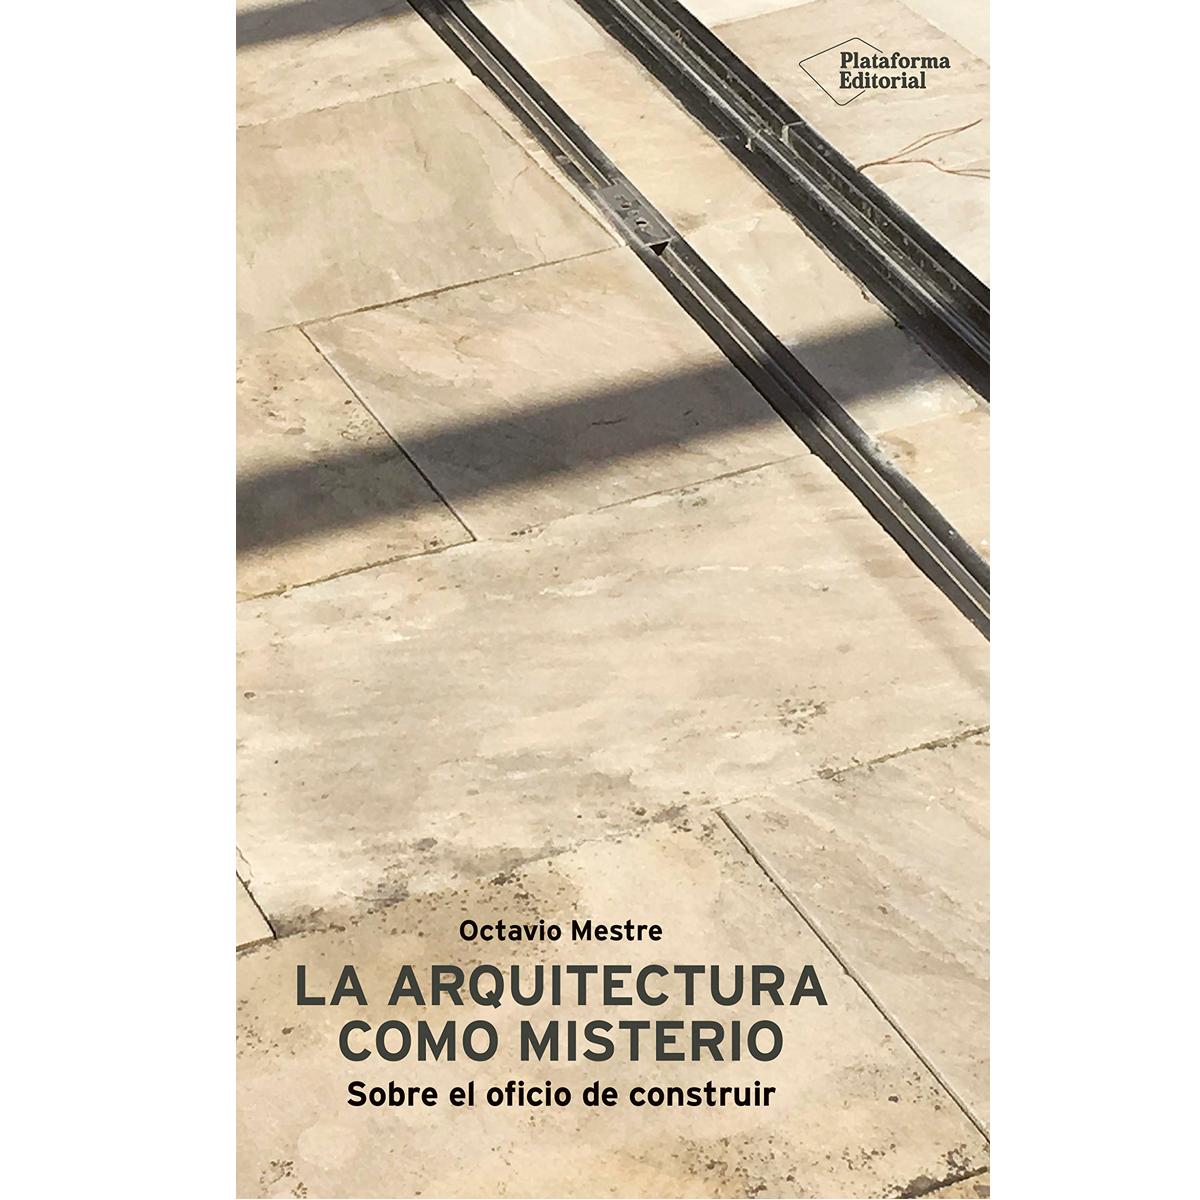 La arquitectura como misterio